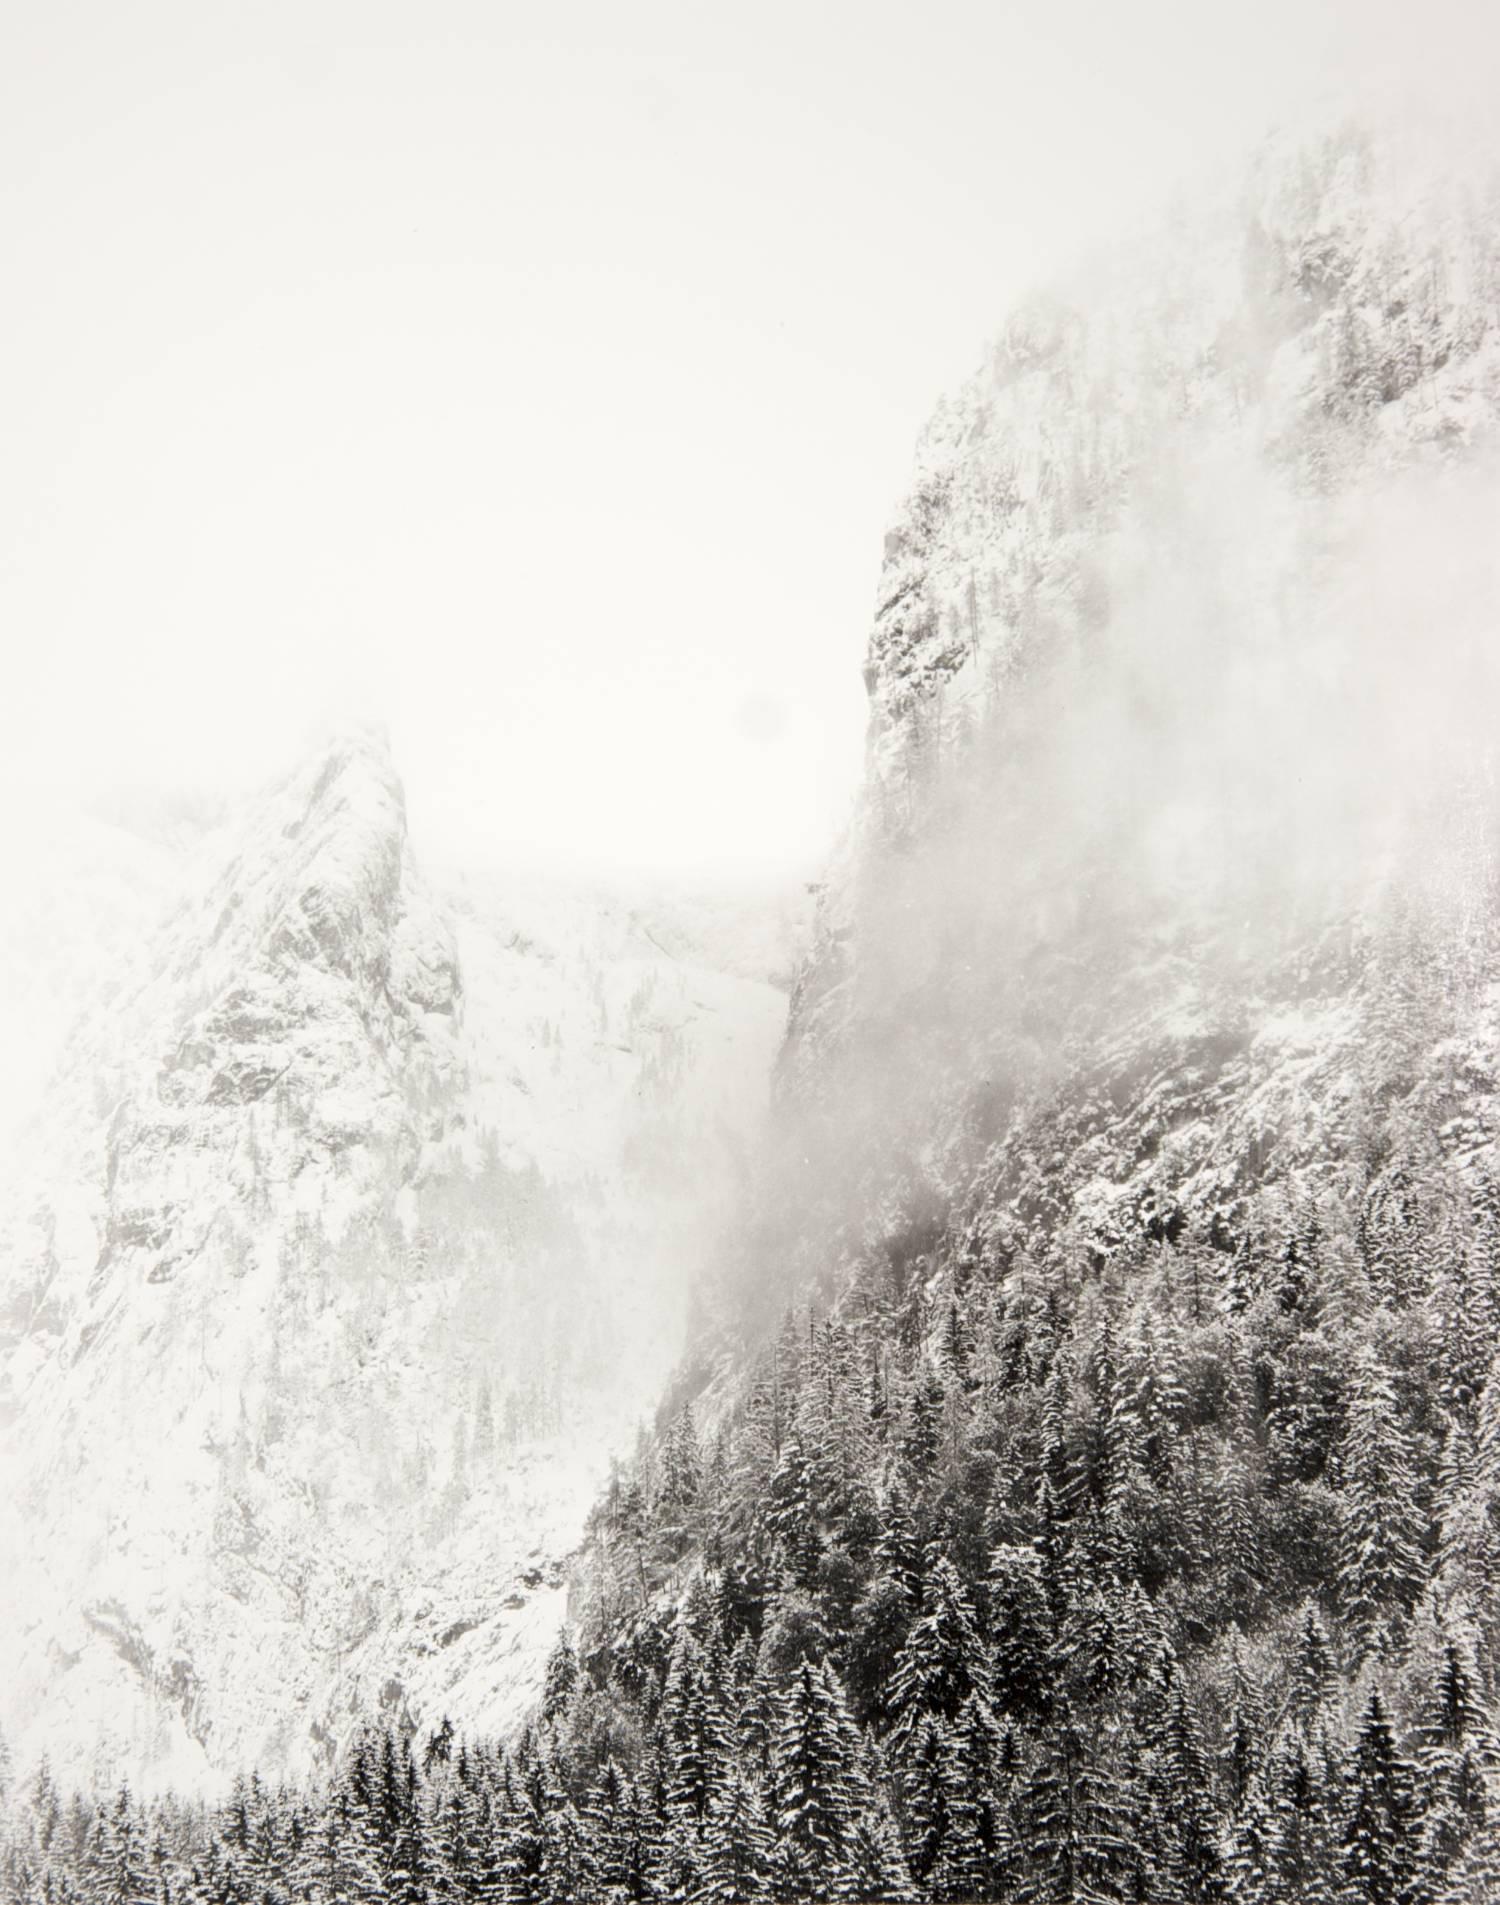 Bavarian Alps II (Berchtesgaden, Germany)